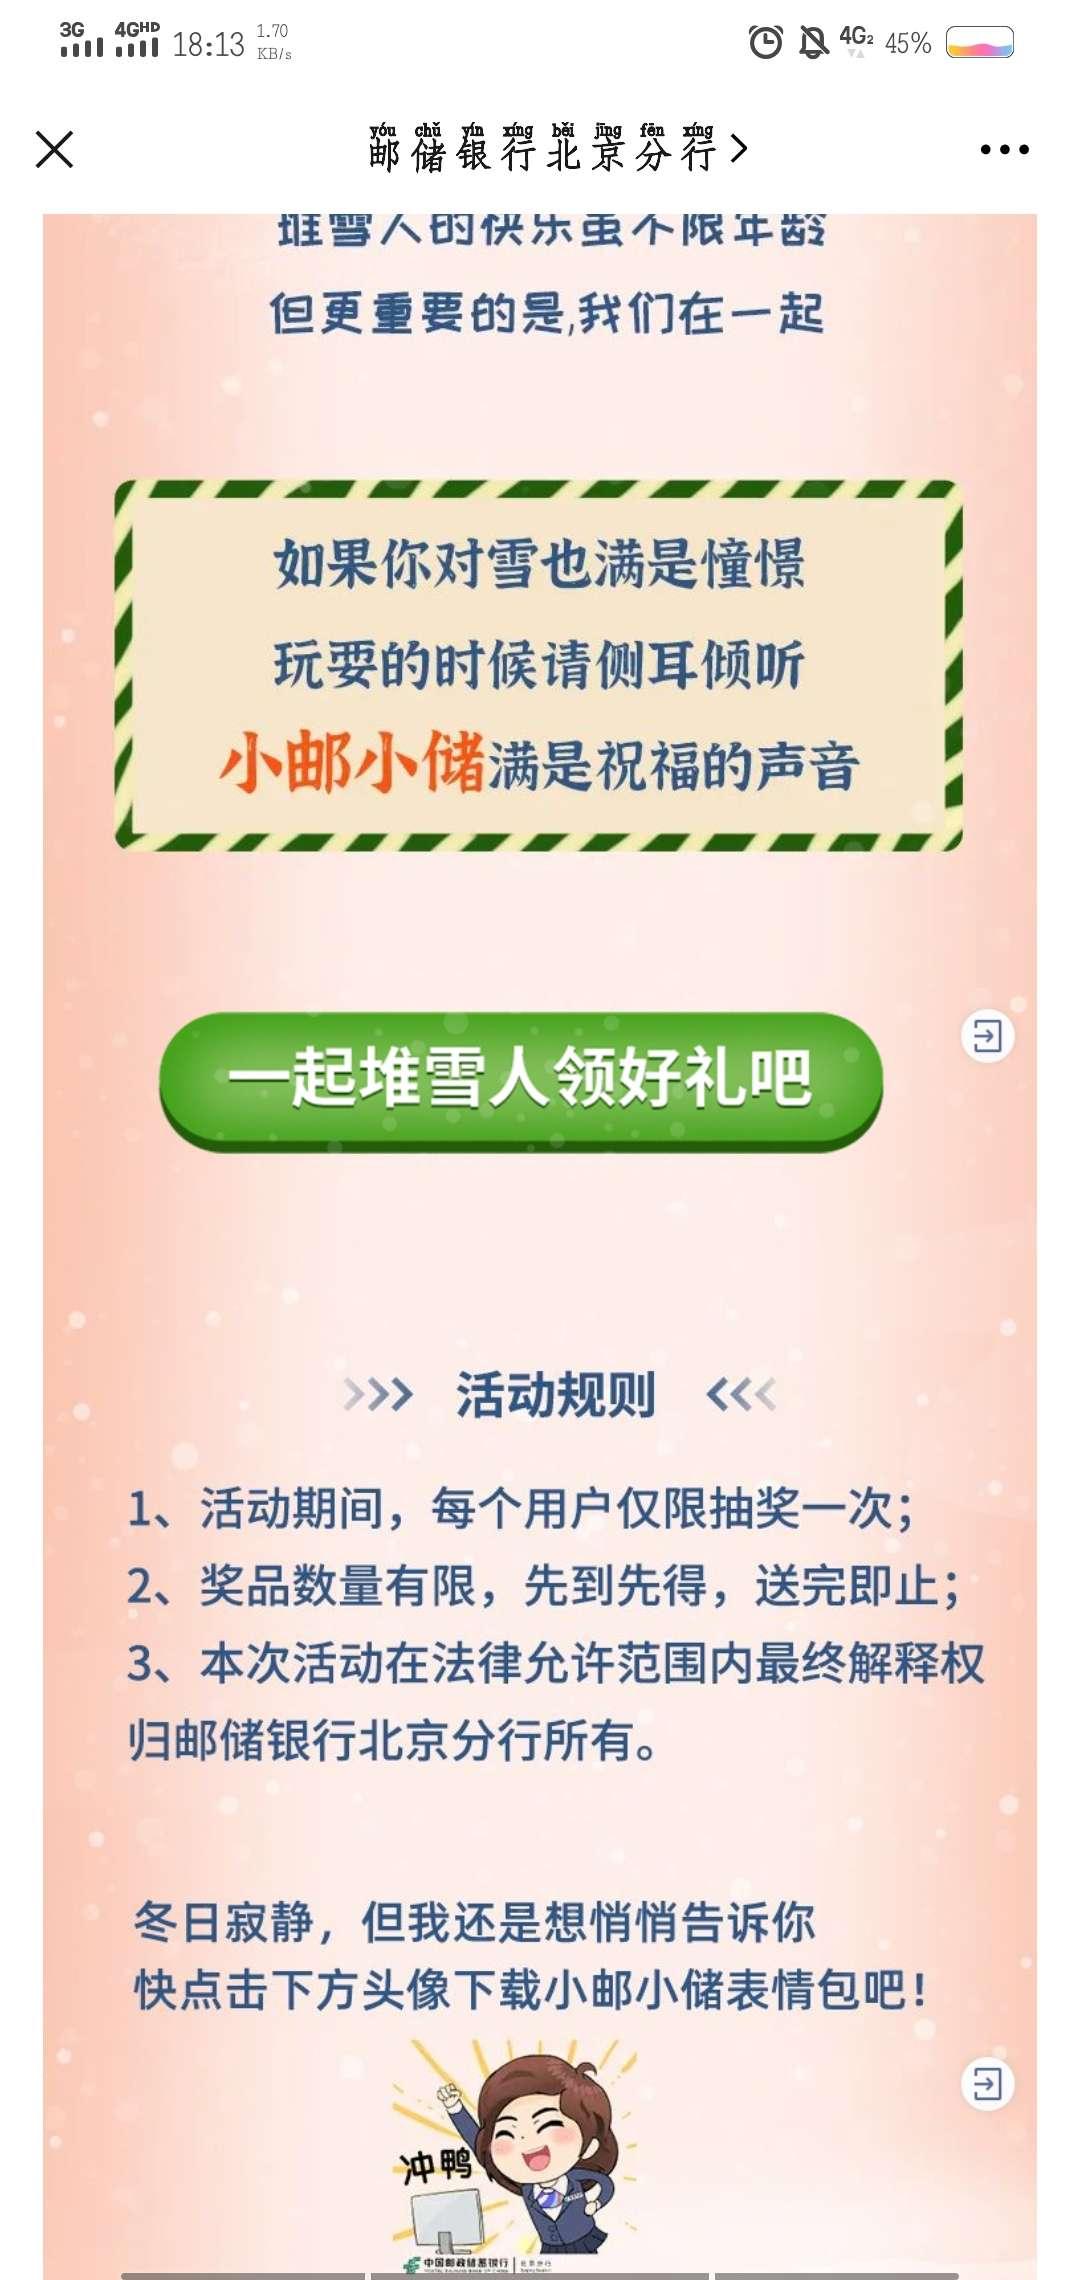 图片[1]-关注邮储银行北京分行-老友薅羊毛活动线报网